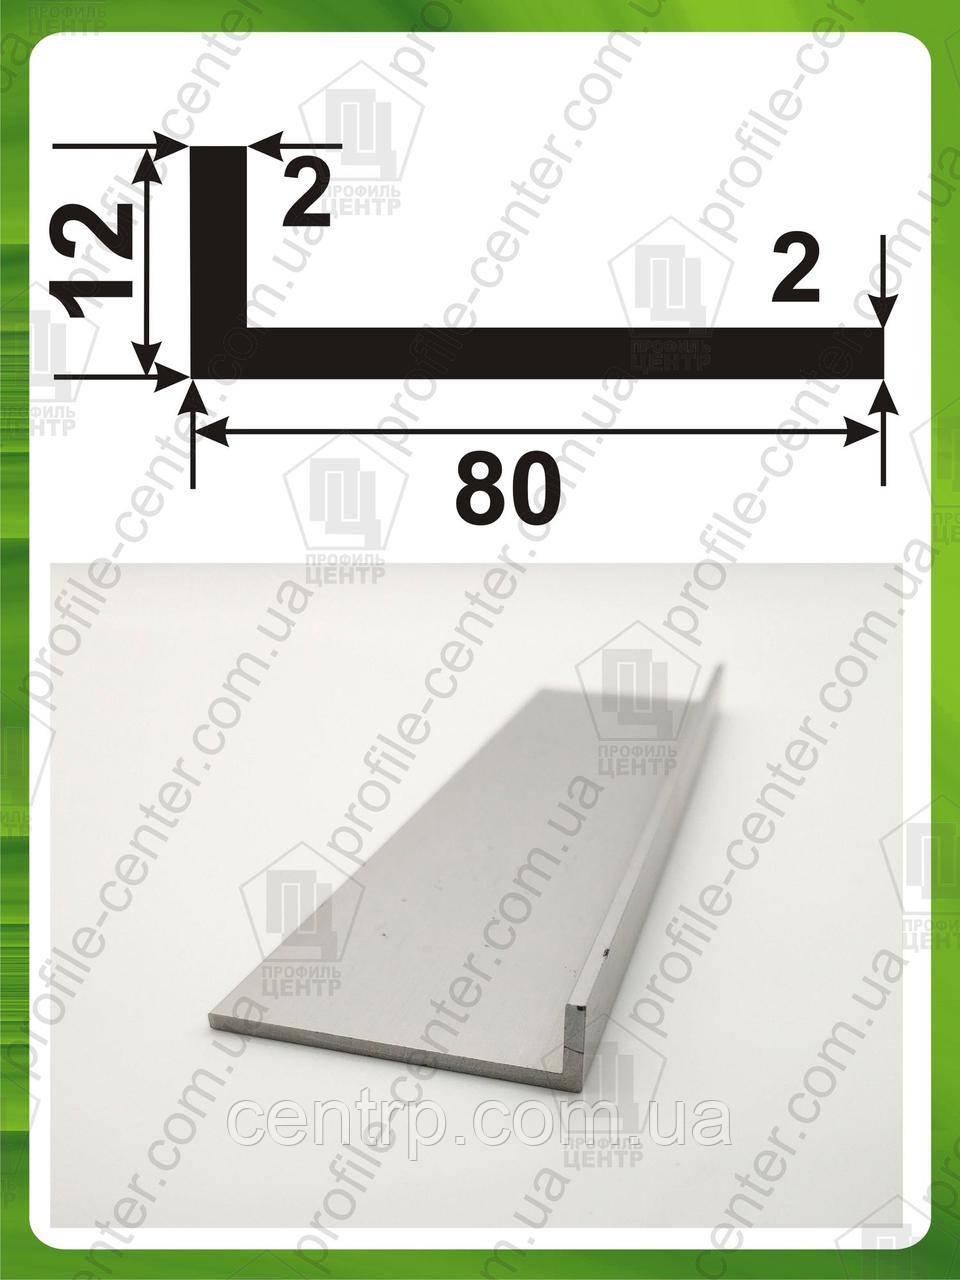 Уголок алюминиевый 80x12x2 разнополочный (разносторонний)